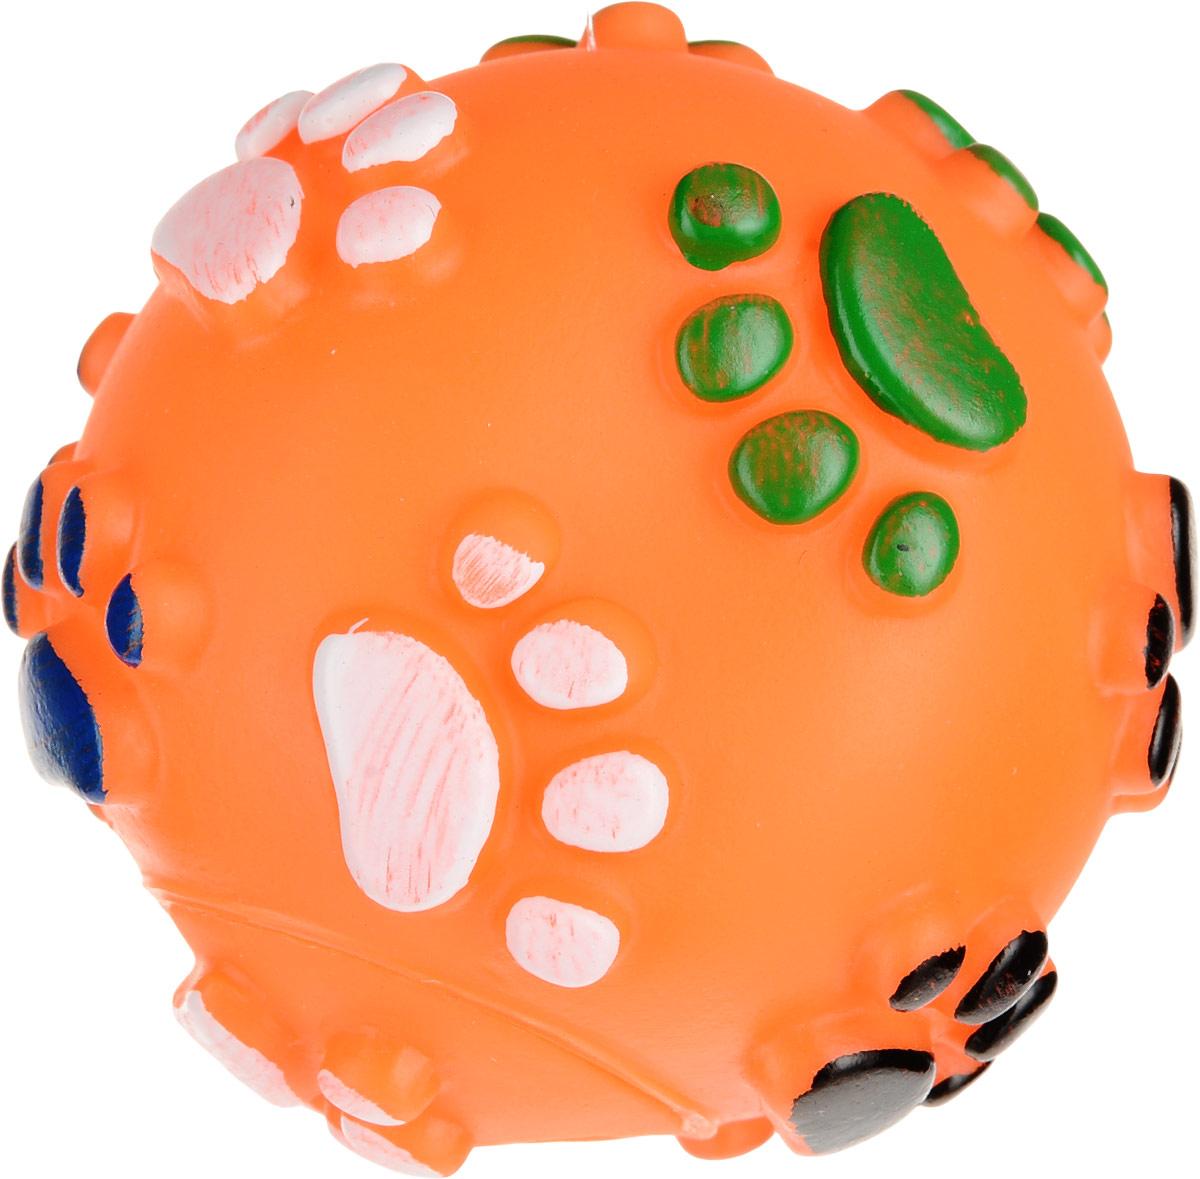 Игрушка для собак Уют Мяч лапки, цвет: оранжевый, 6,5 см игрушка для животных каскад удочка с микки маусом 47 см